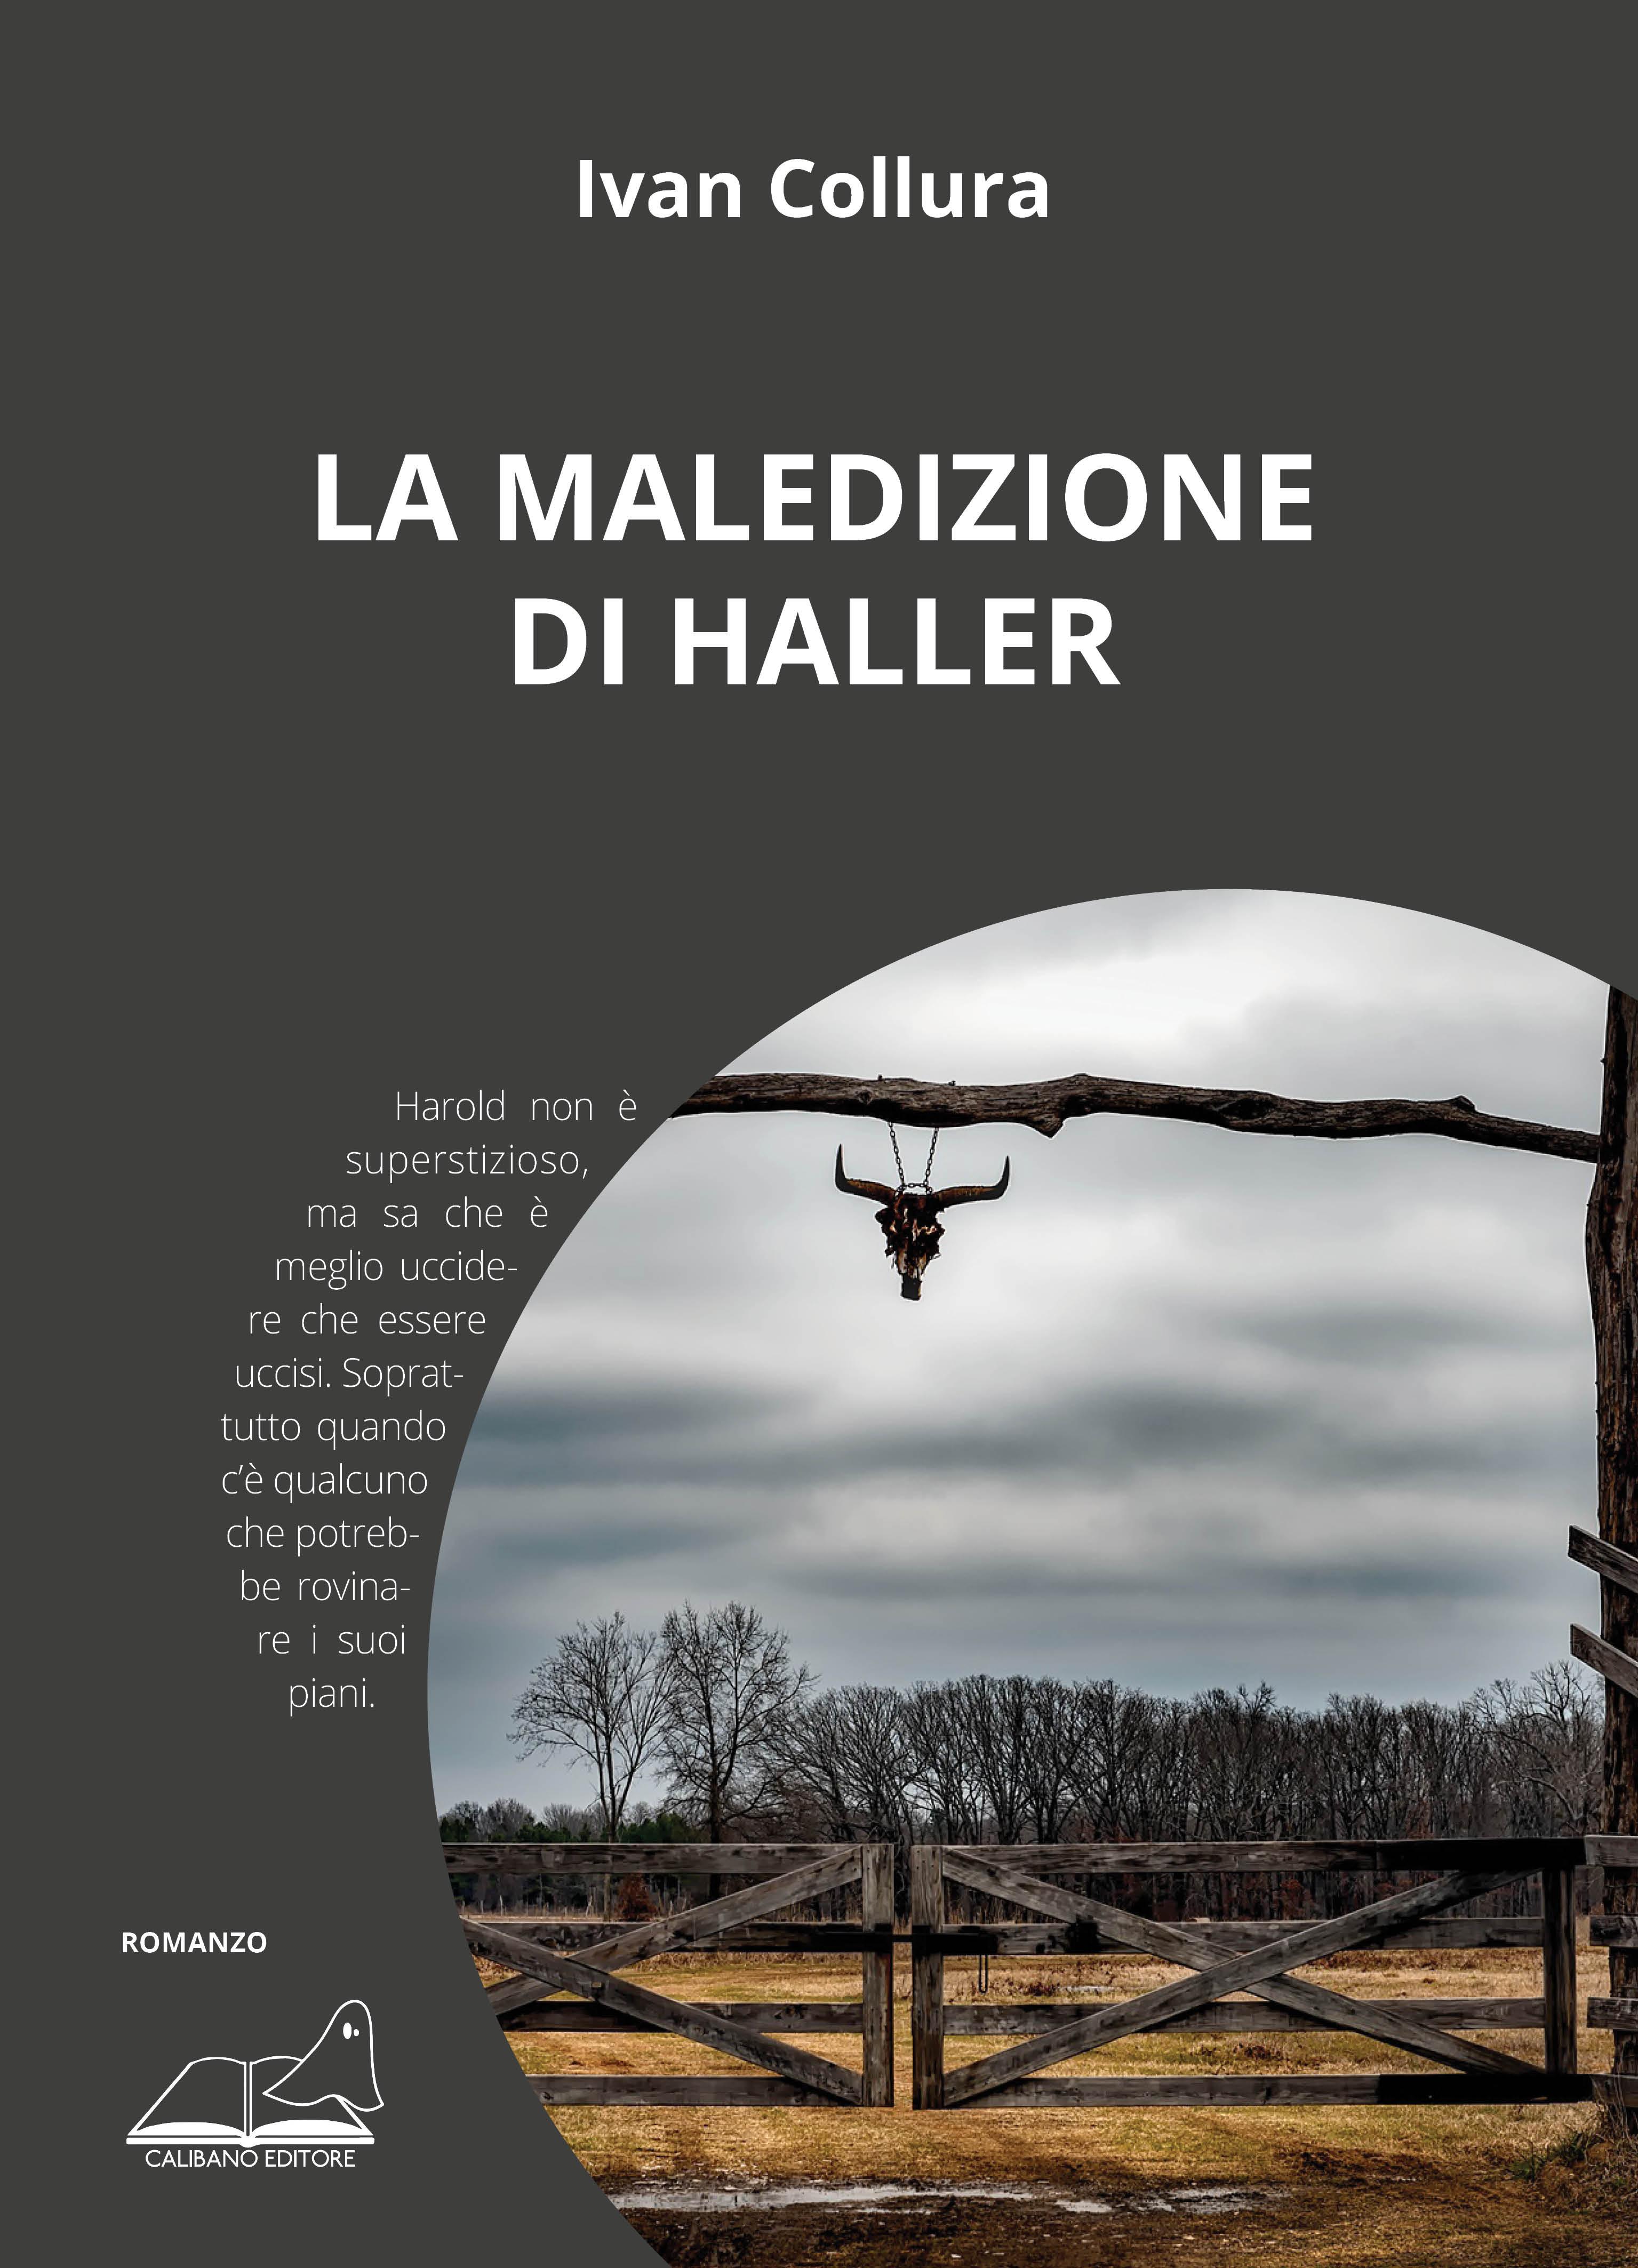 La maledizione di Haller-image-1%>